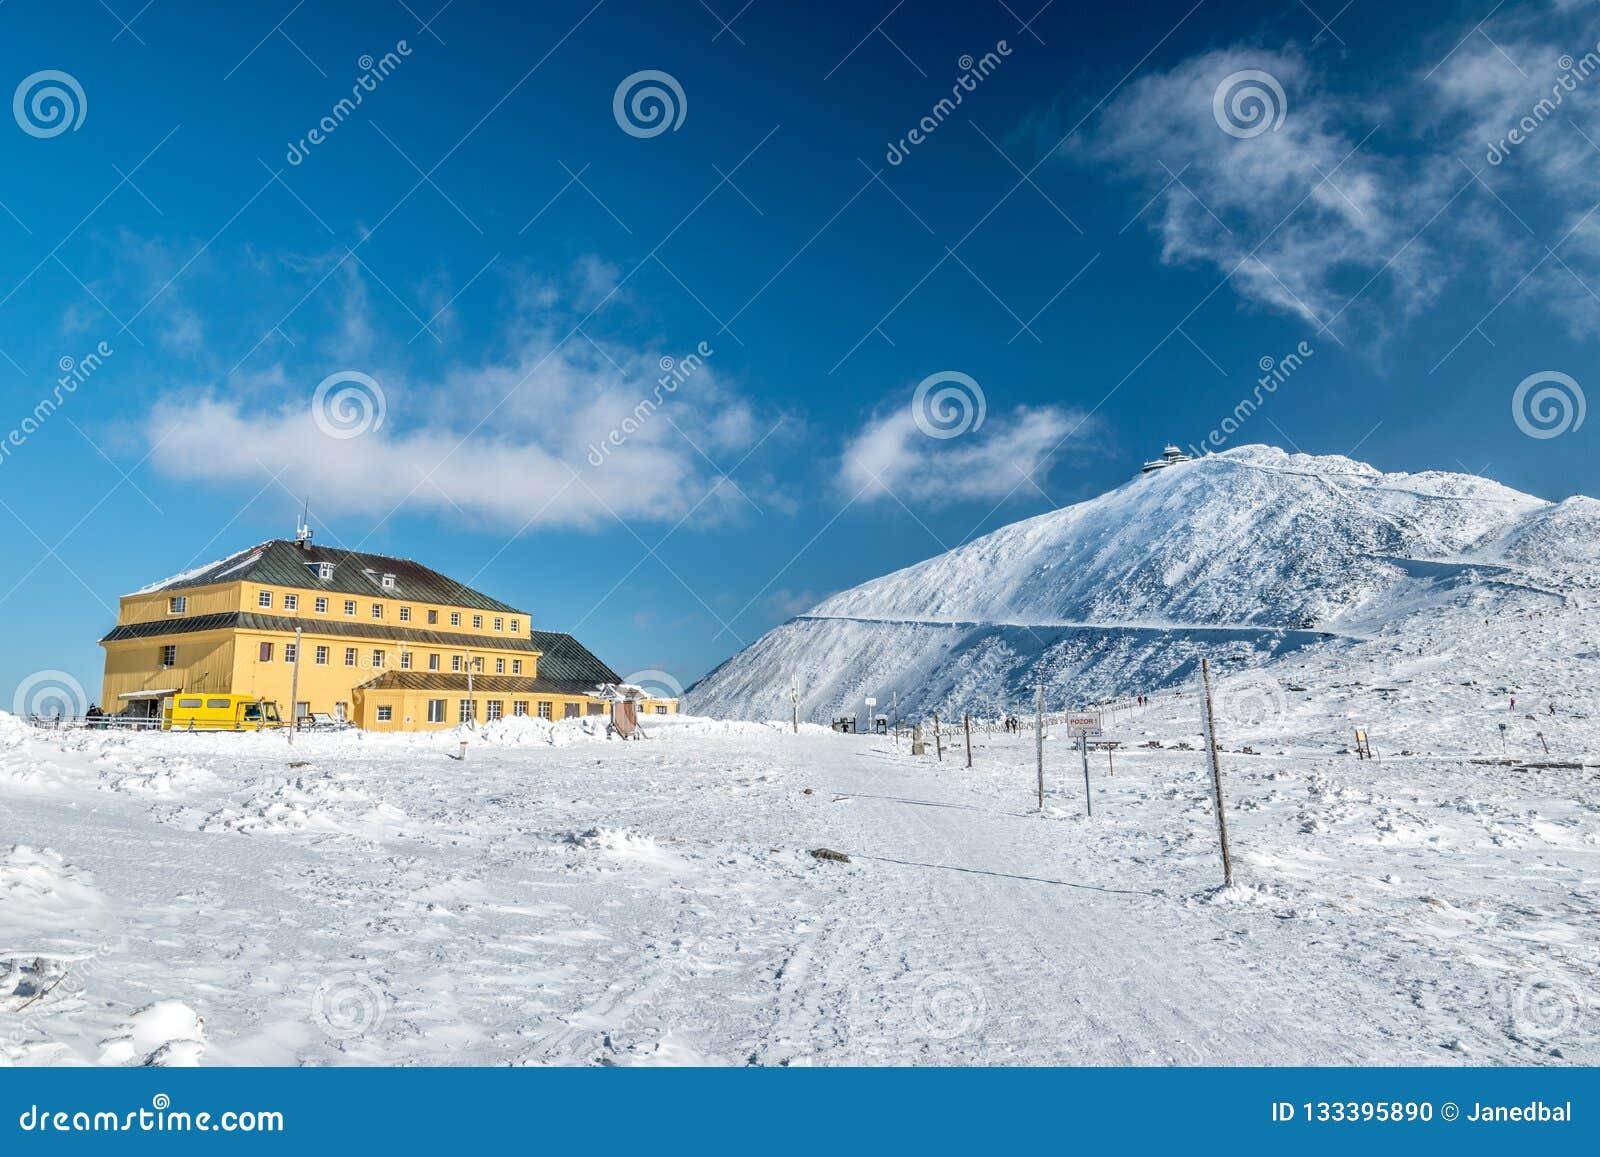 Slezsky dum Slaski dom与Snezka峰顶的山小屋后边在一好日子在冬天,Krkonose山,波兰捷克语